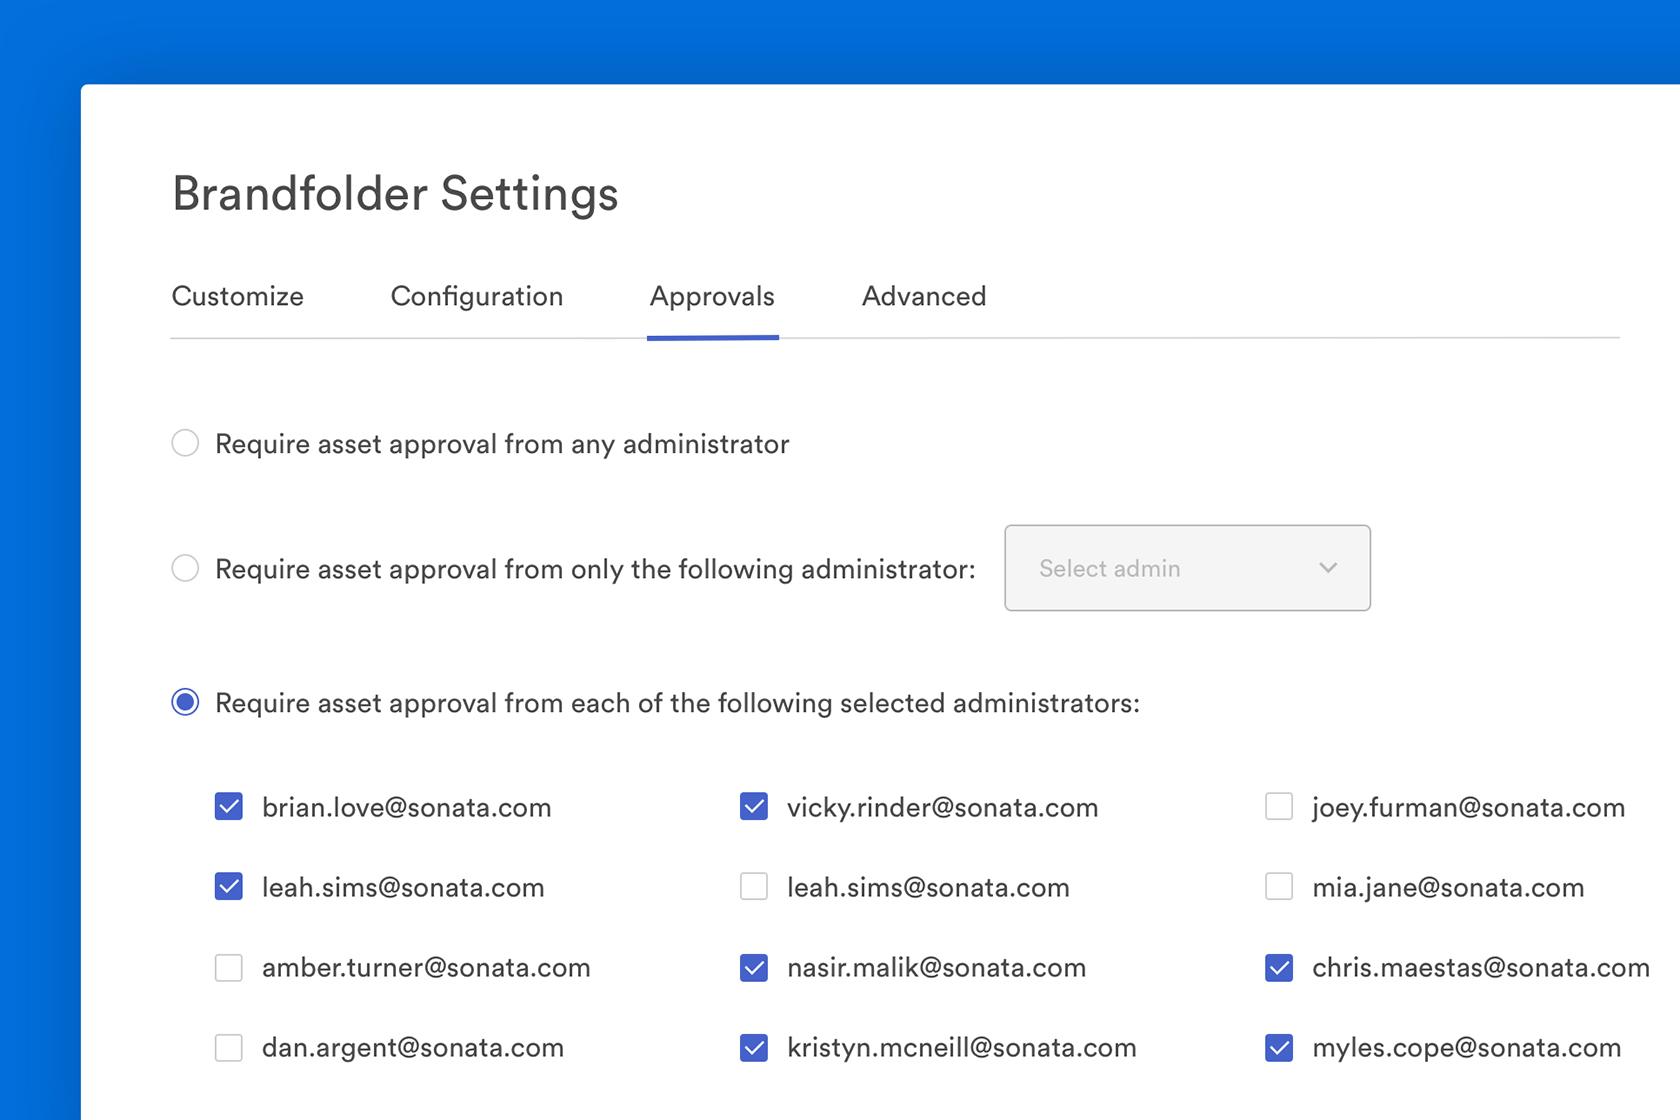 Brandfolder approval settings